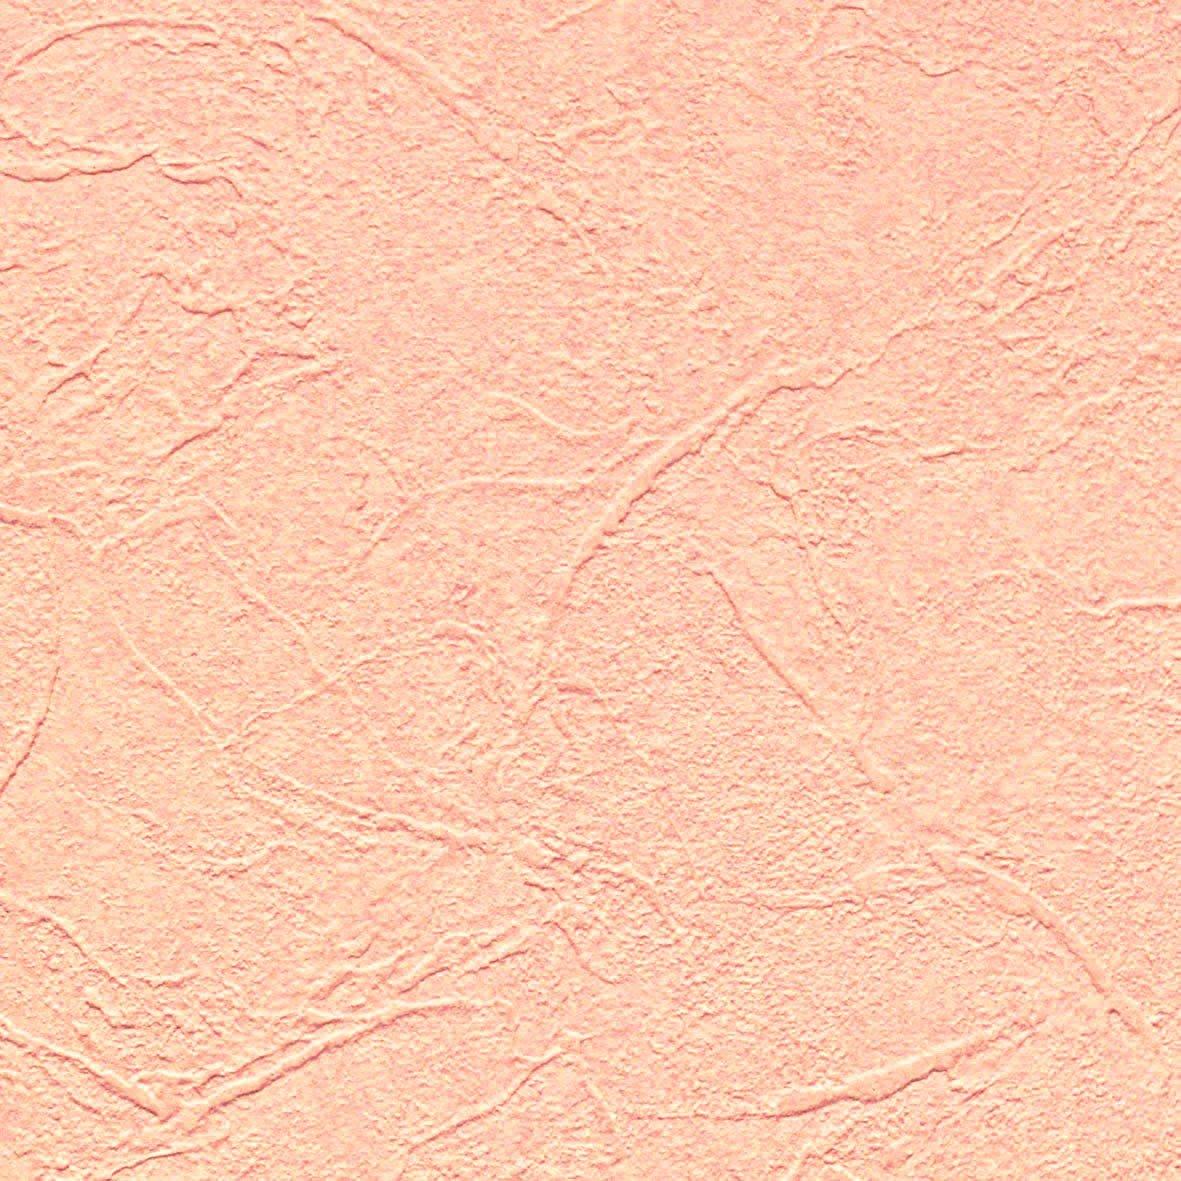 リリカラ 壁紙26m シンフル 石目調 ピンク LL-8204 B01N3W5VX6 26m|ピンク